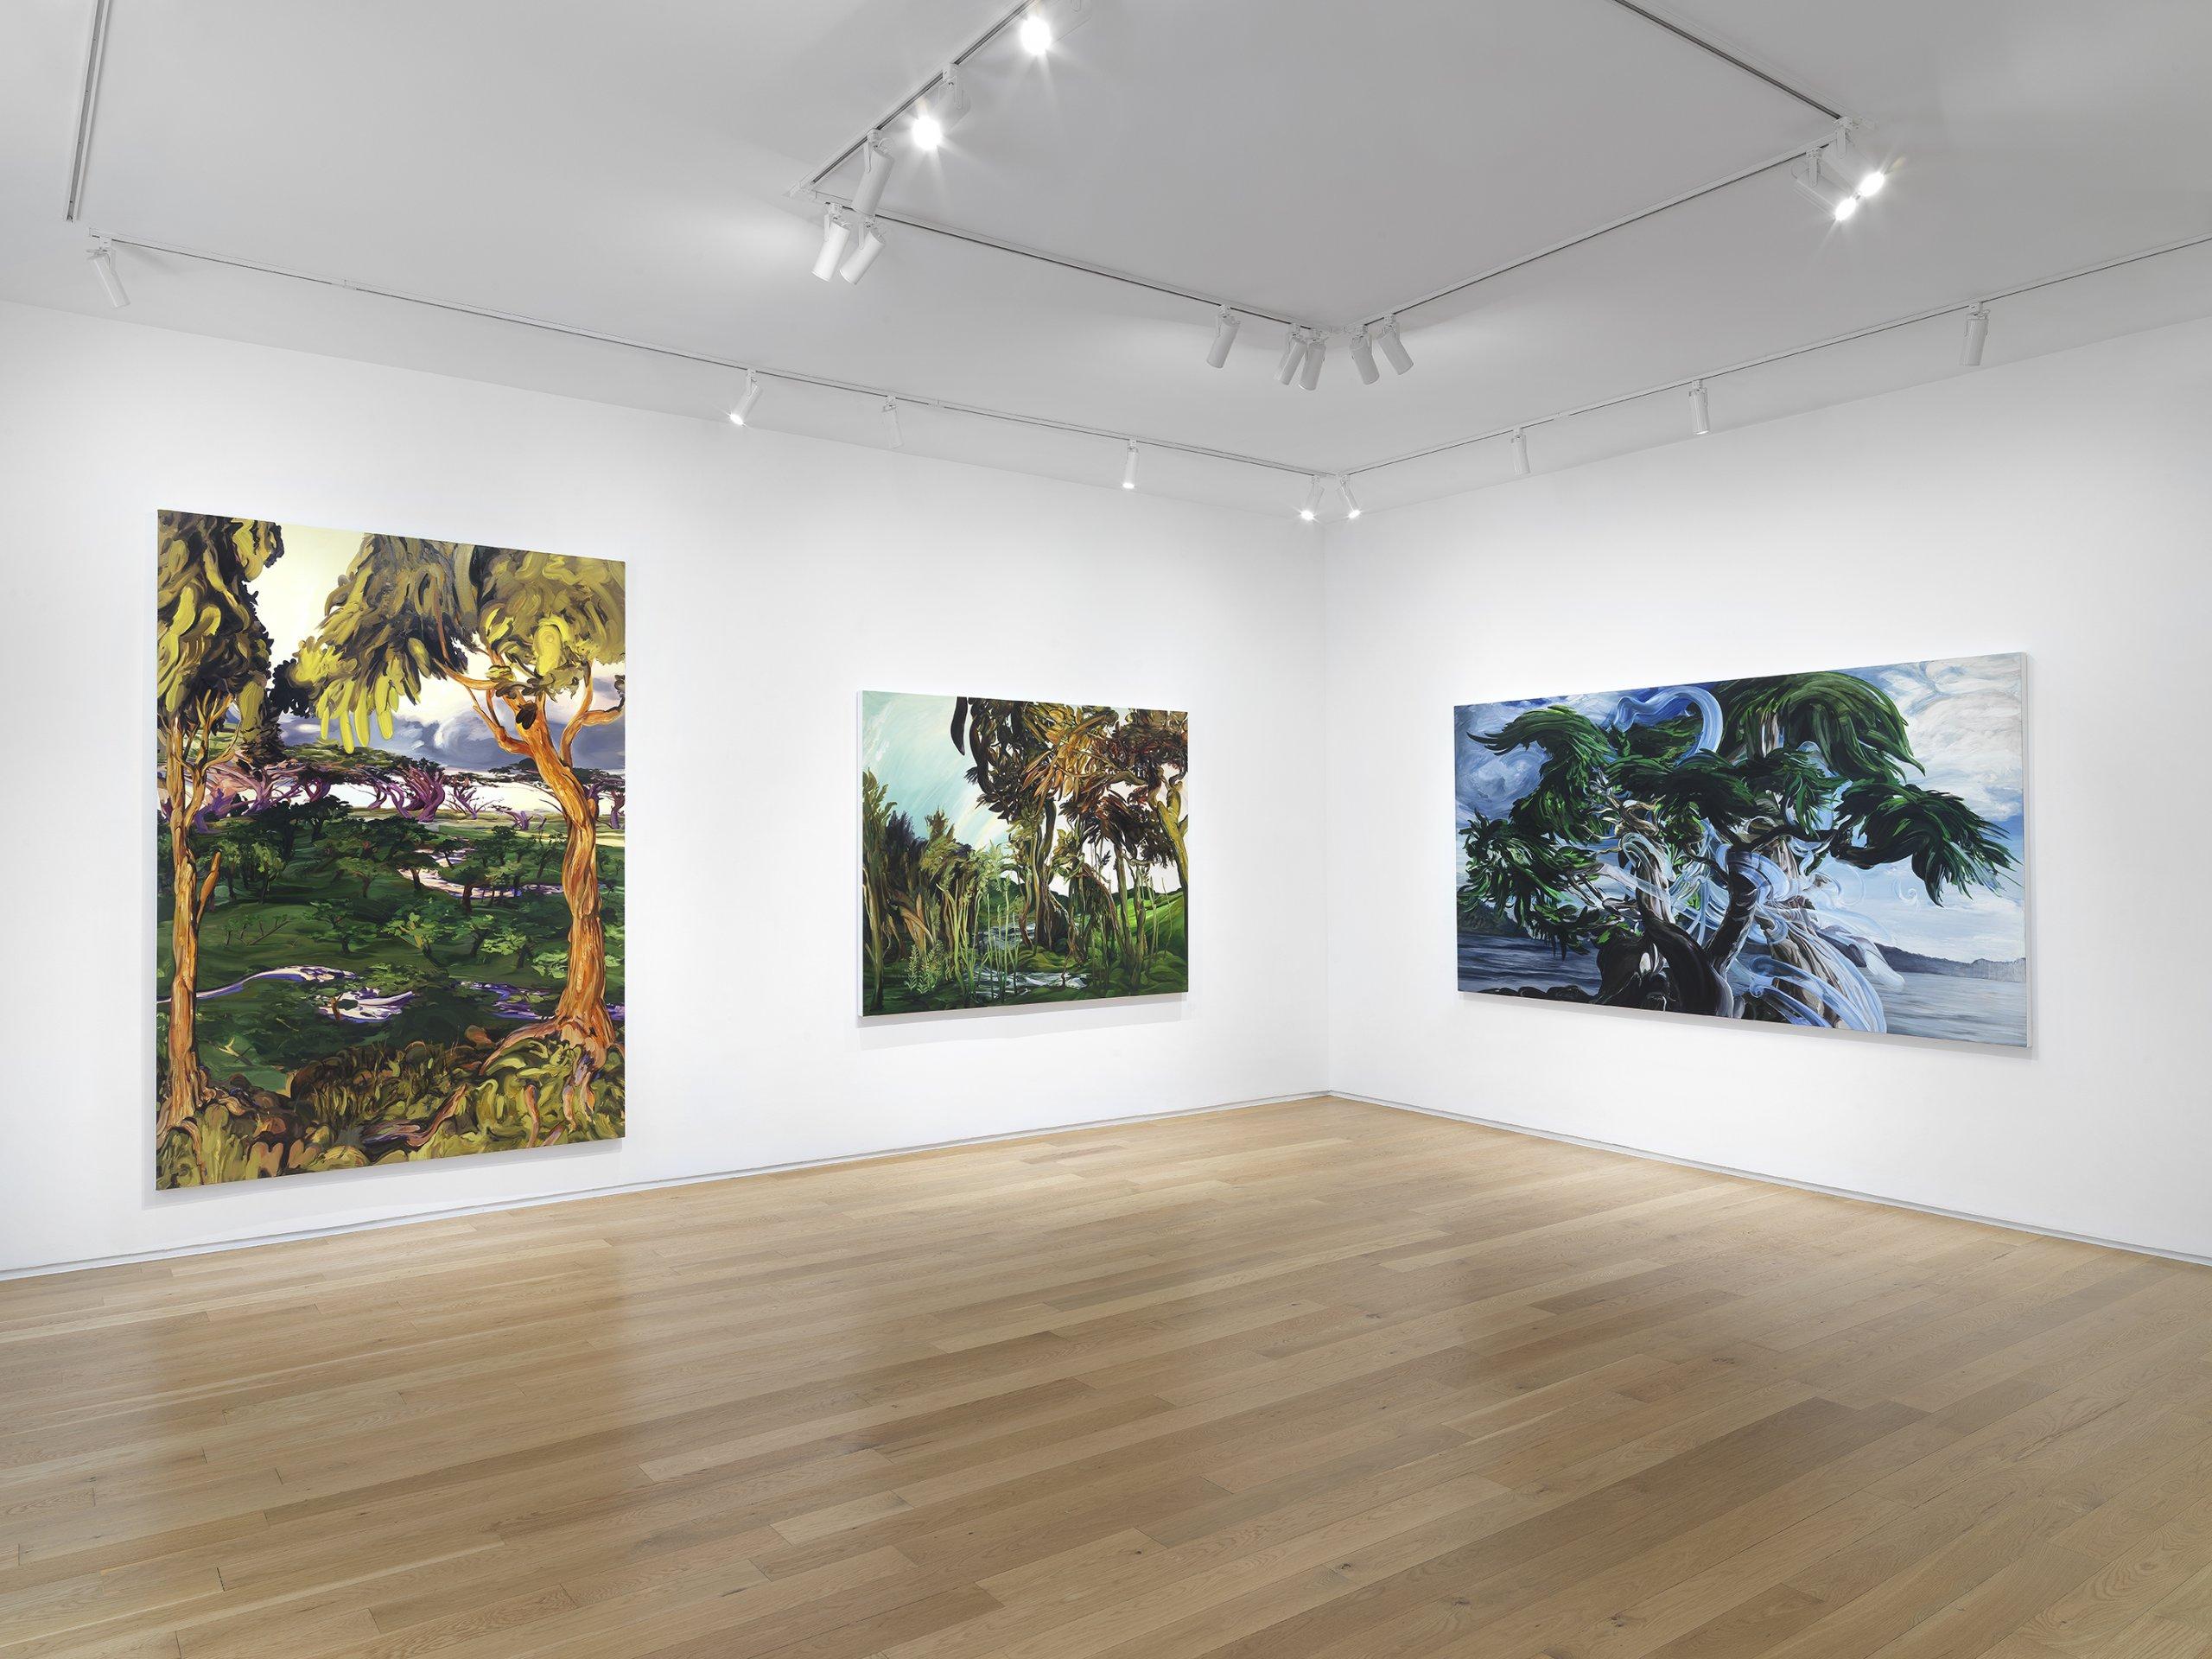 Installation view of Emma Webster: Green Iscariot (September 8-October 14, 2021) at Alexander Berggruen, NY. Photo: Dario Lasagni